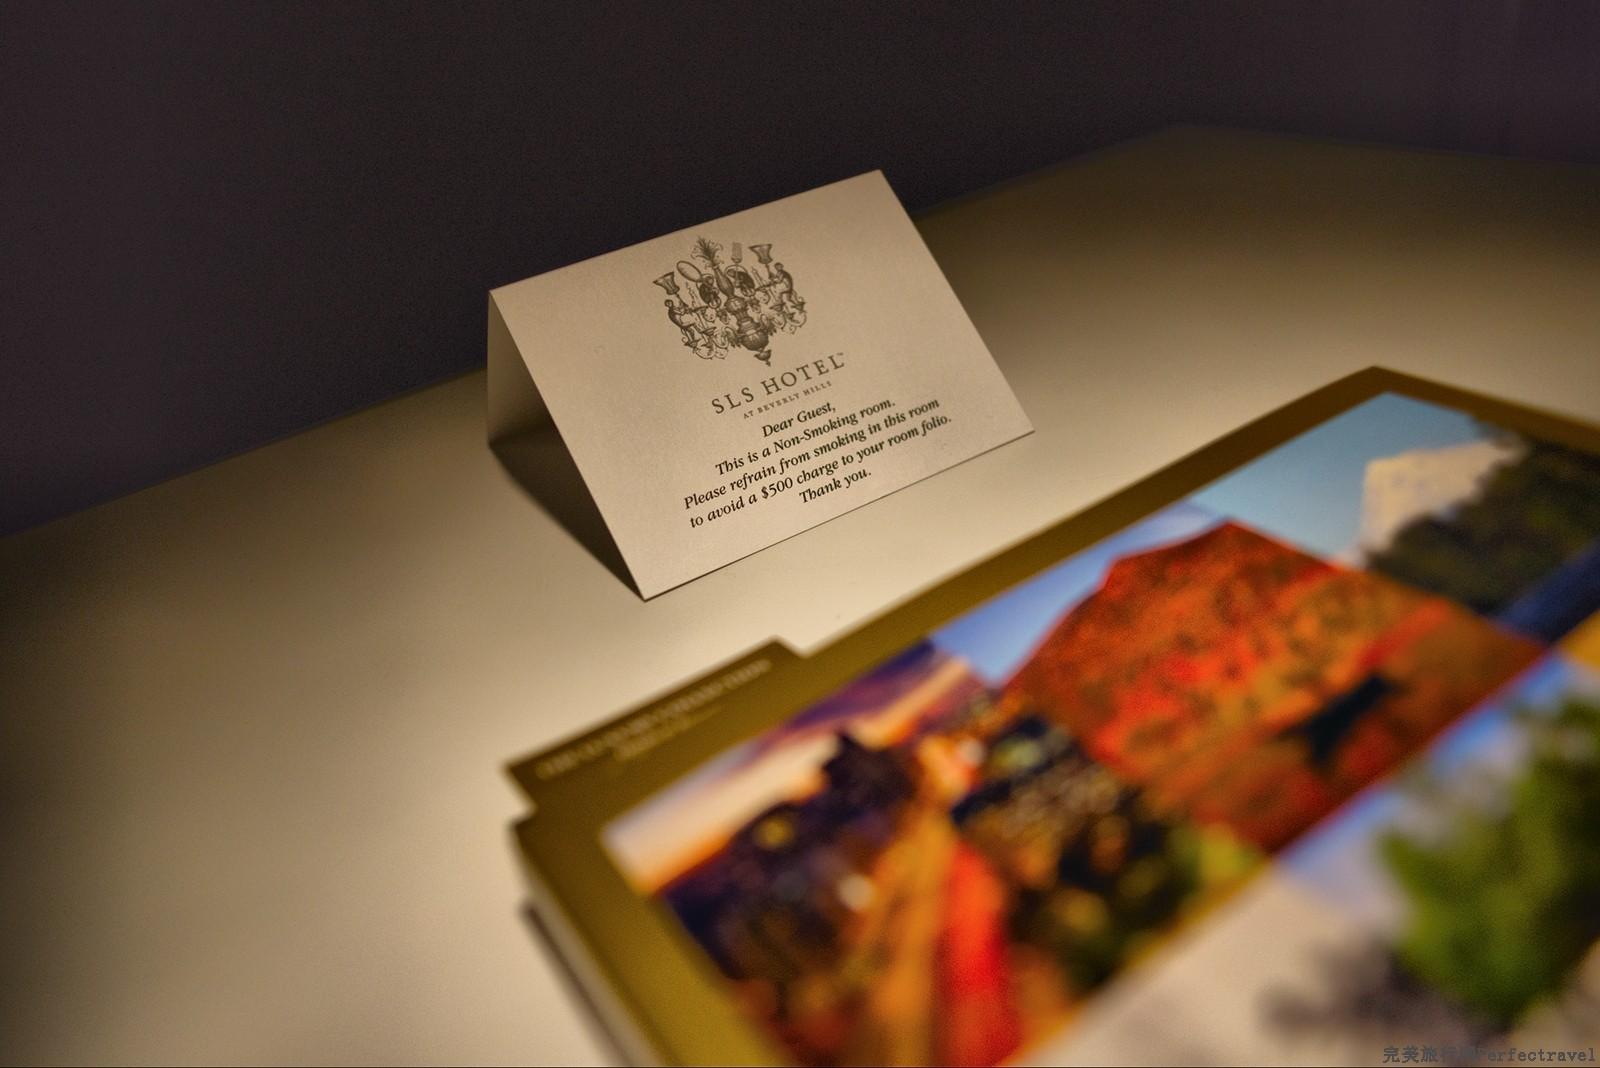 SLS HOTEL 比佛利山上的奢华潮店 - 完美旅行Perfectravel - 完美旅行Perfectravel的博客